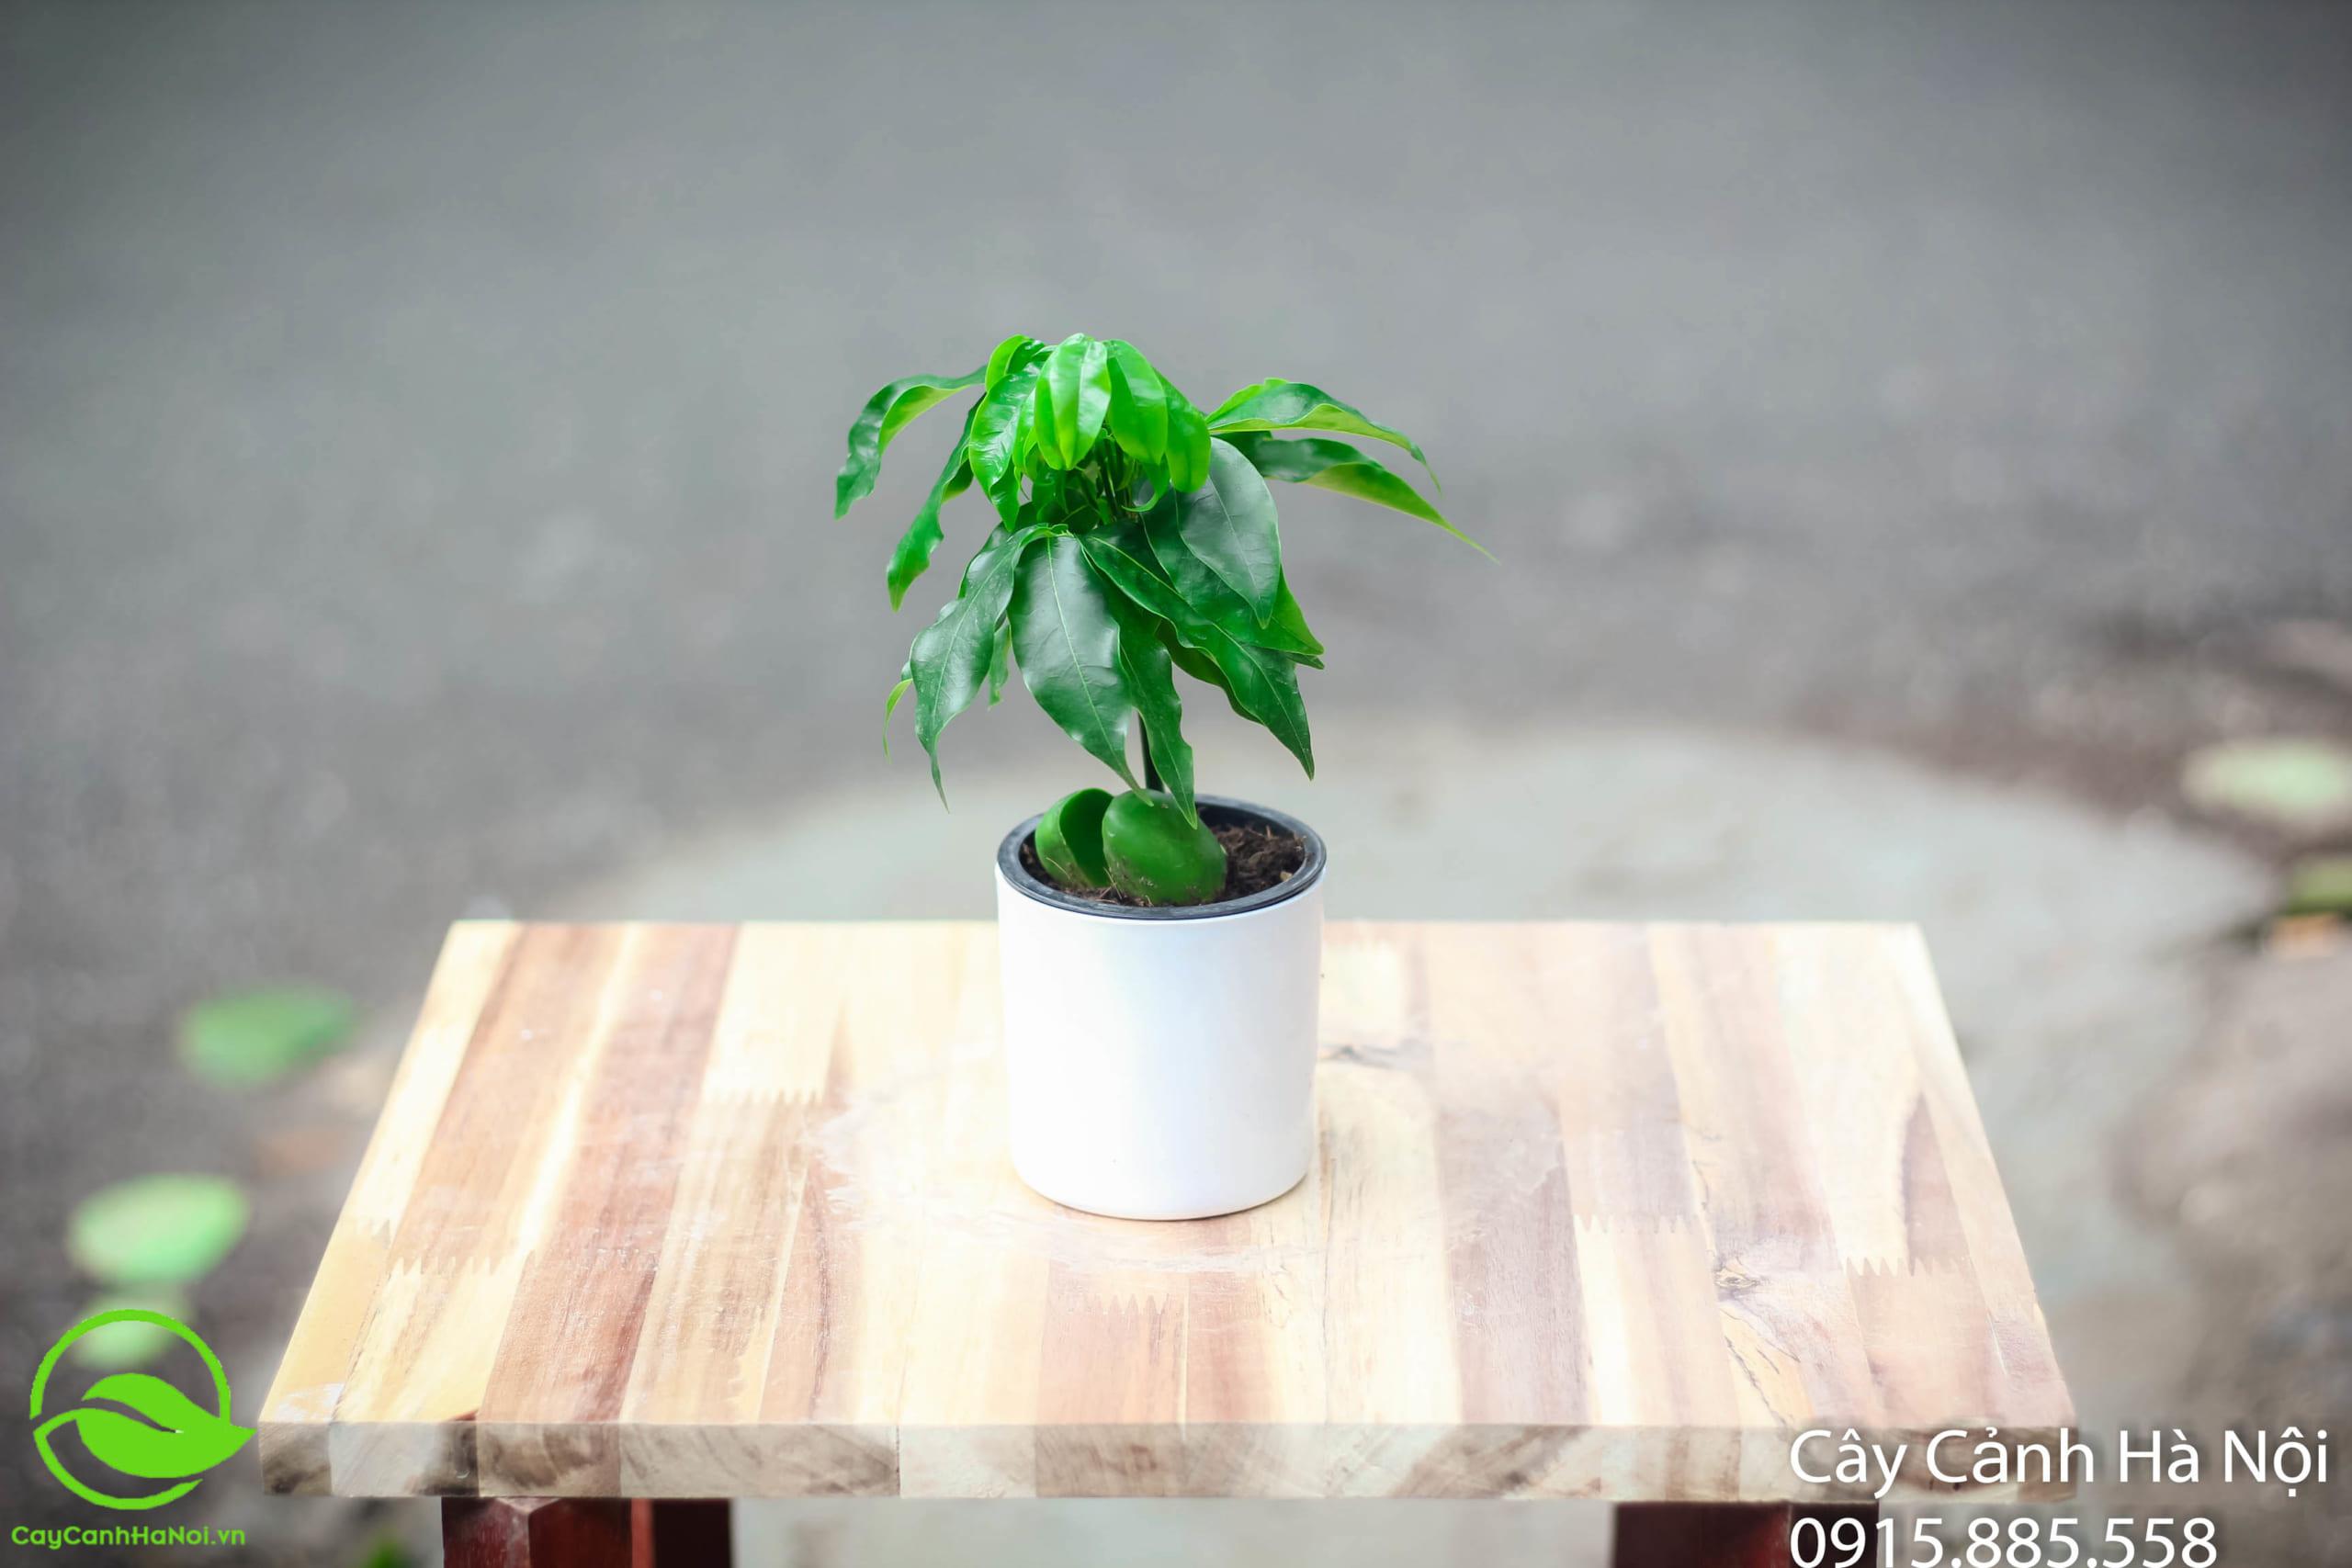 Cây hạt rẻ - Tuổi Mão hợp cây gì?